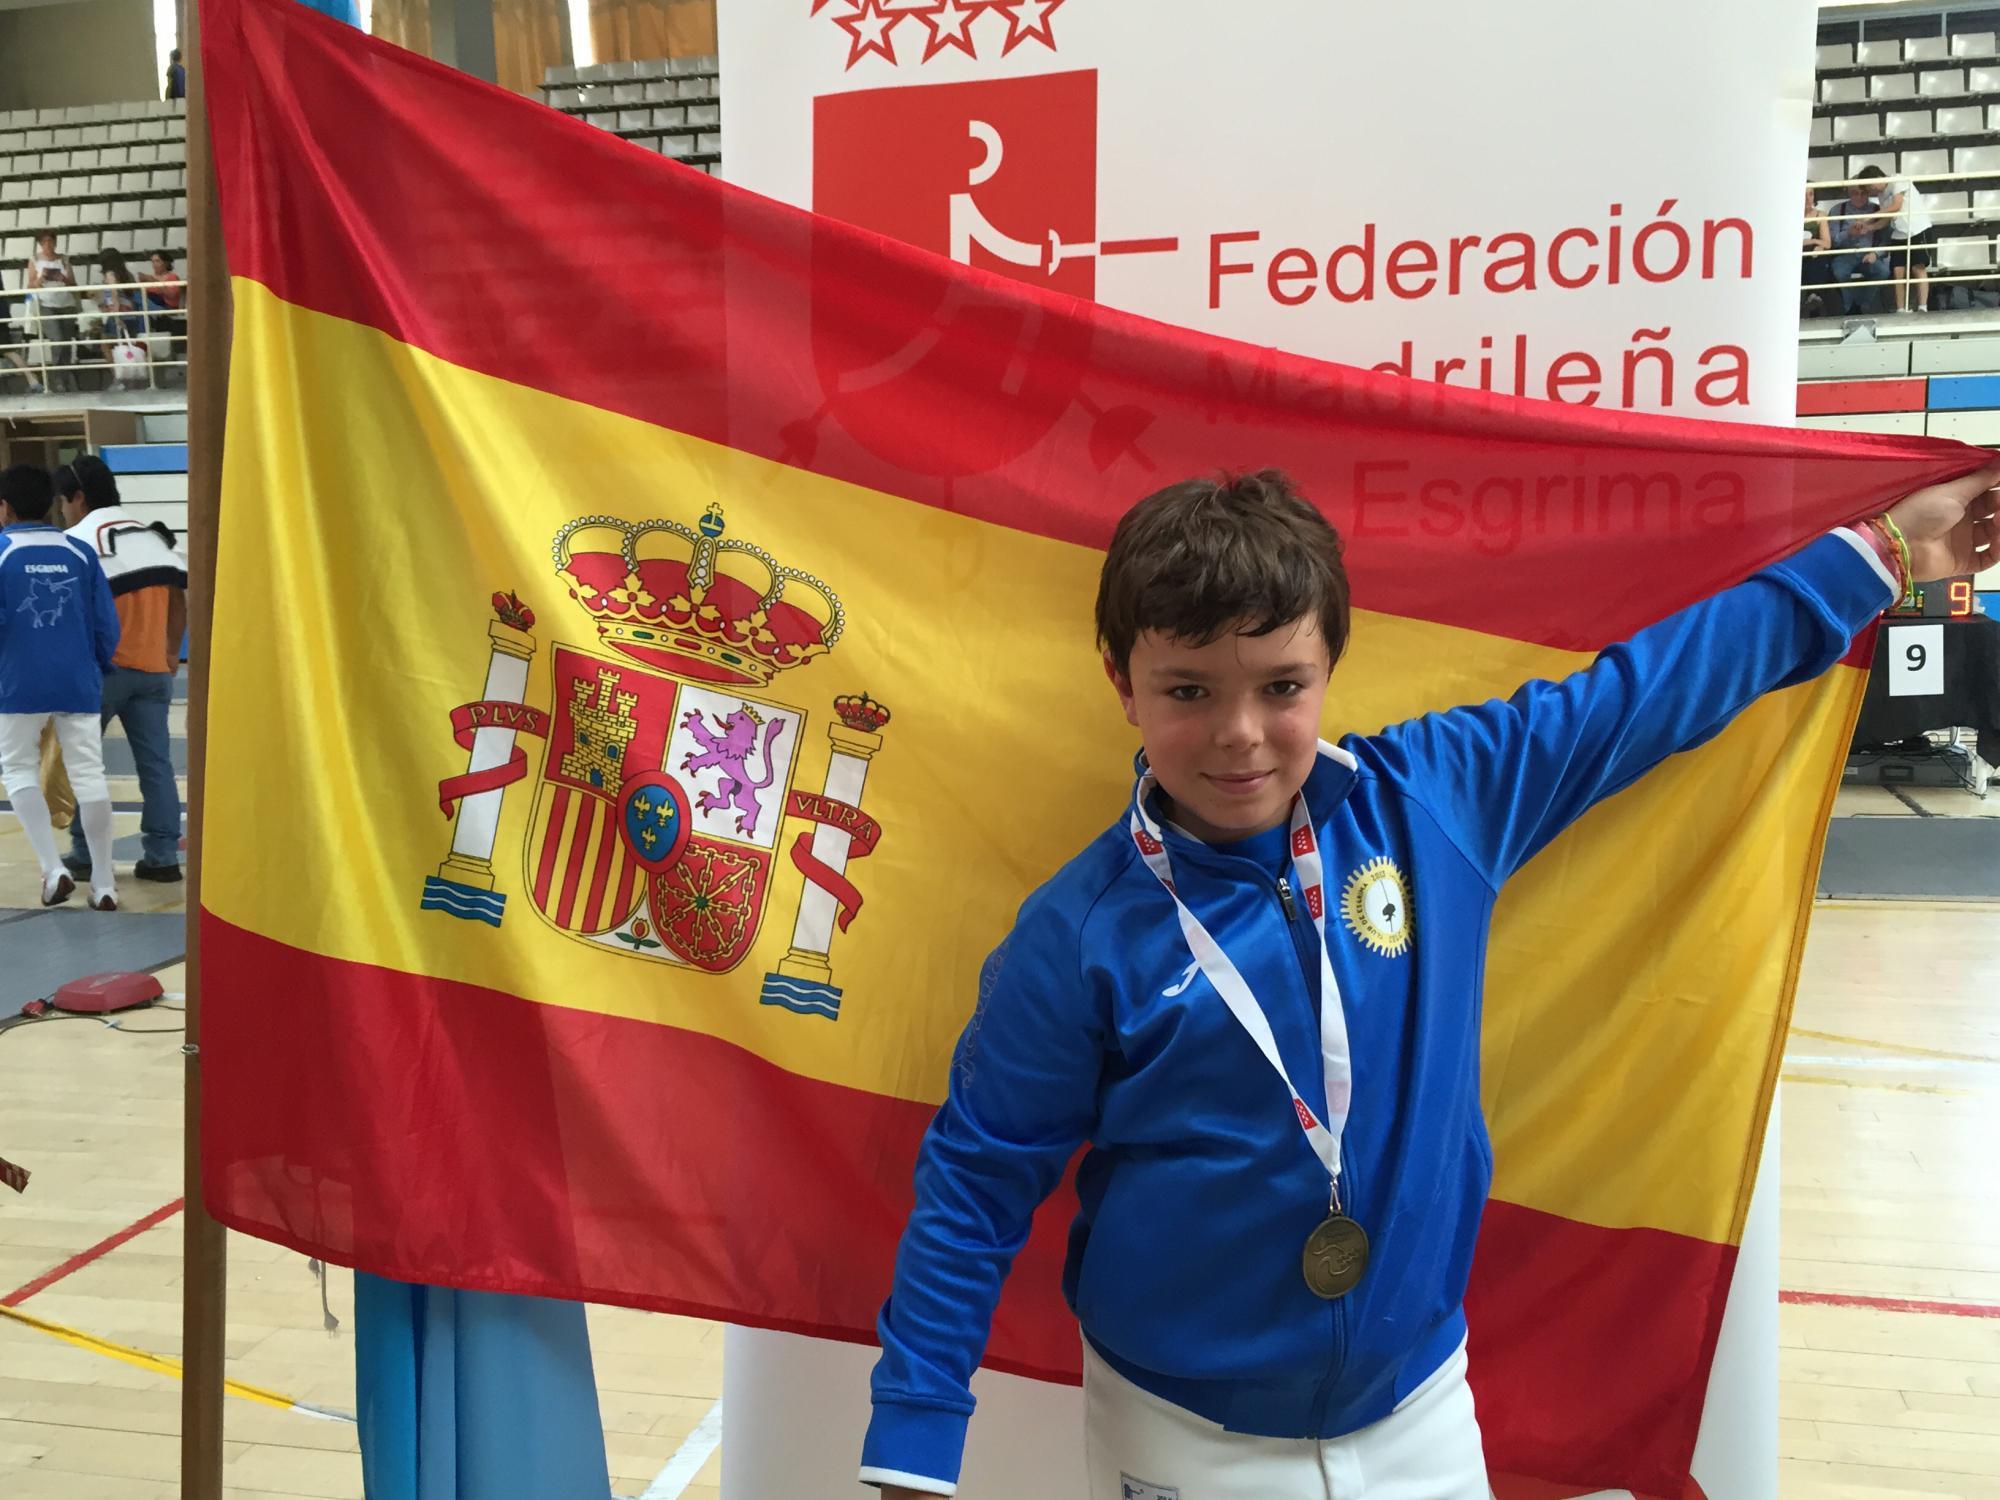 El esgrimista galapagueño, Álvaro Campos, se alza con el título de campeón de España en categoria M12